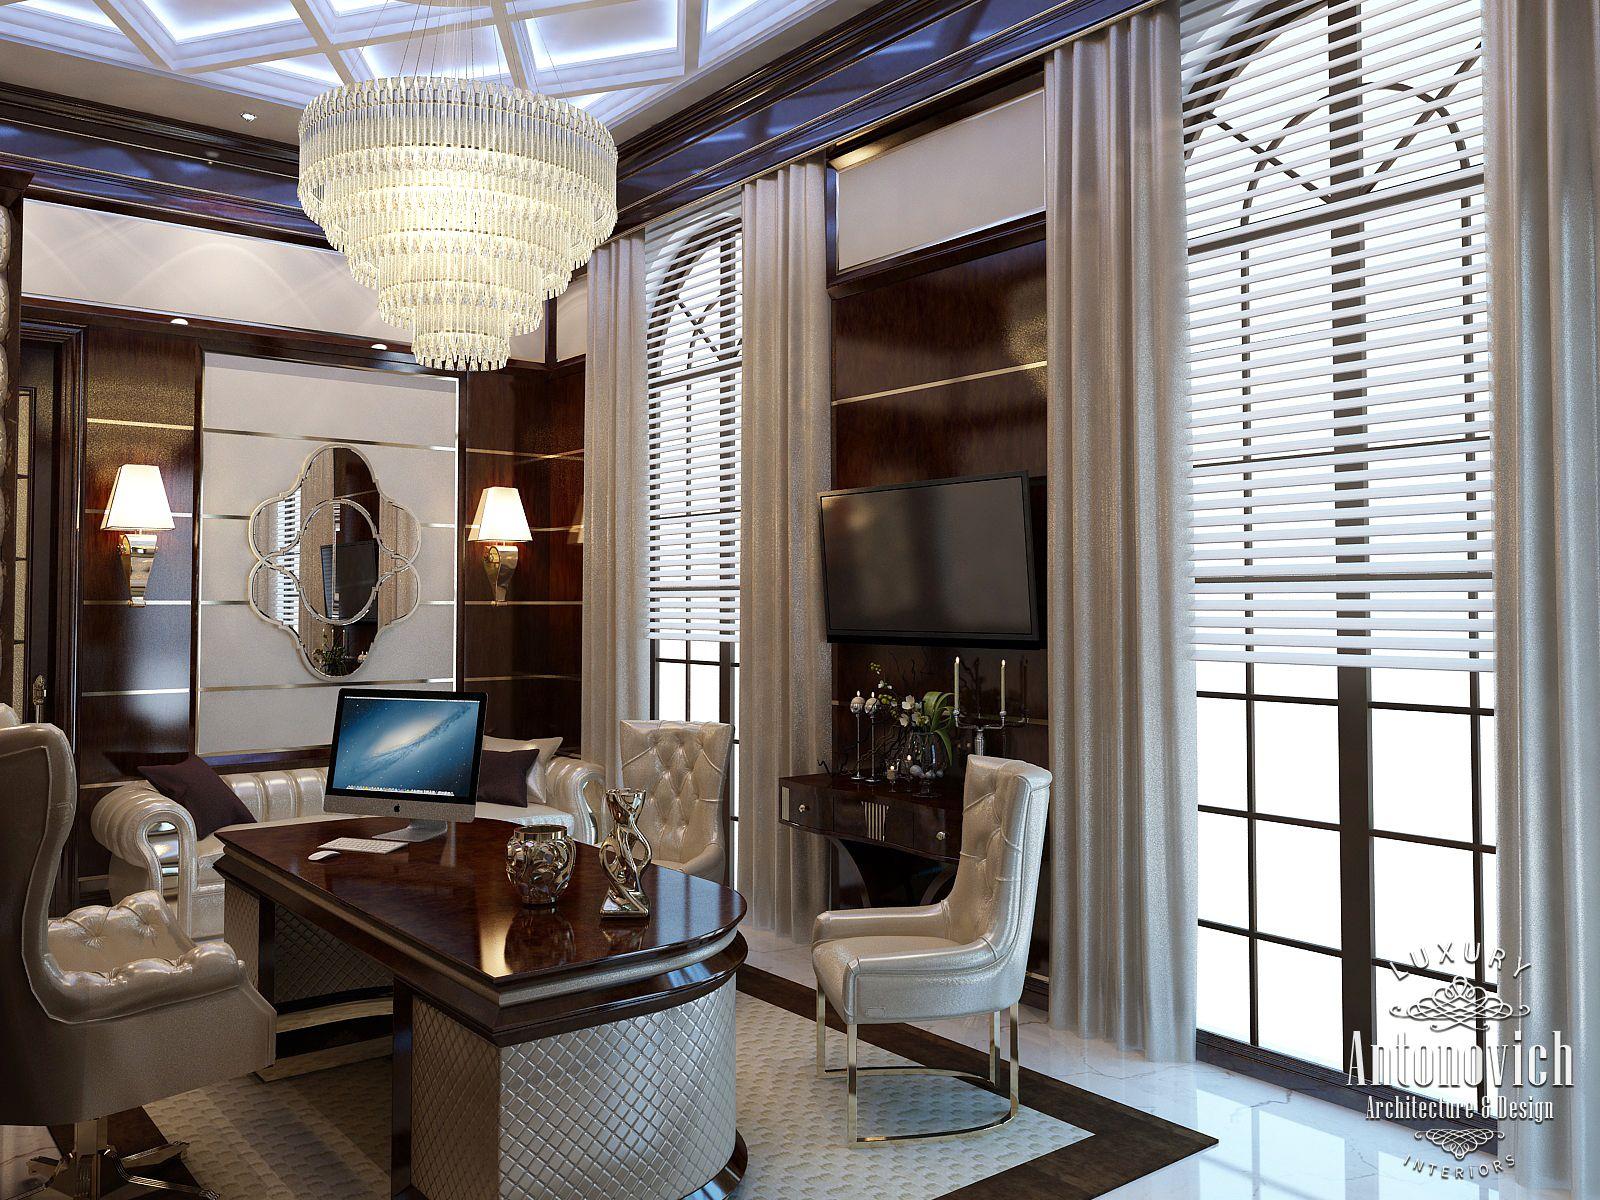 Luxury antonovich design uae office interior from luxury for Office design uae